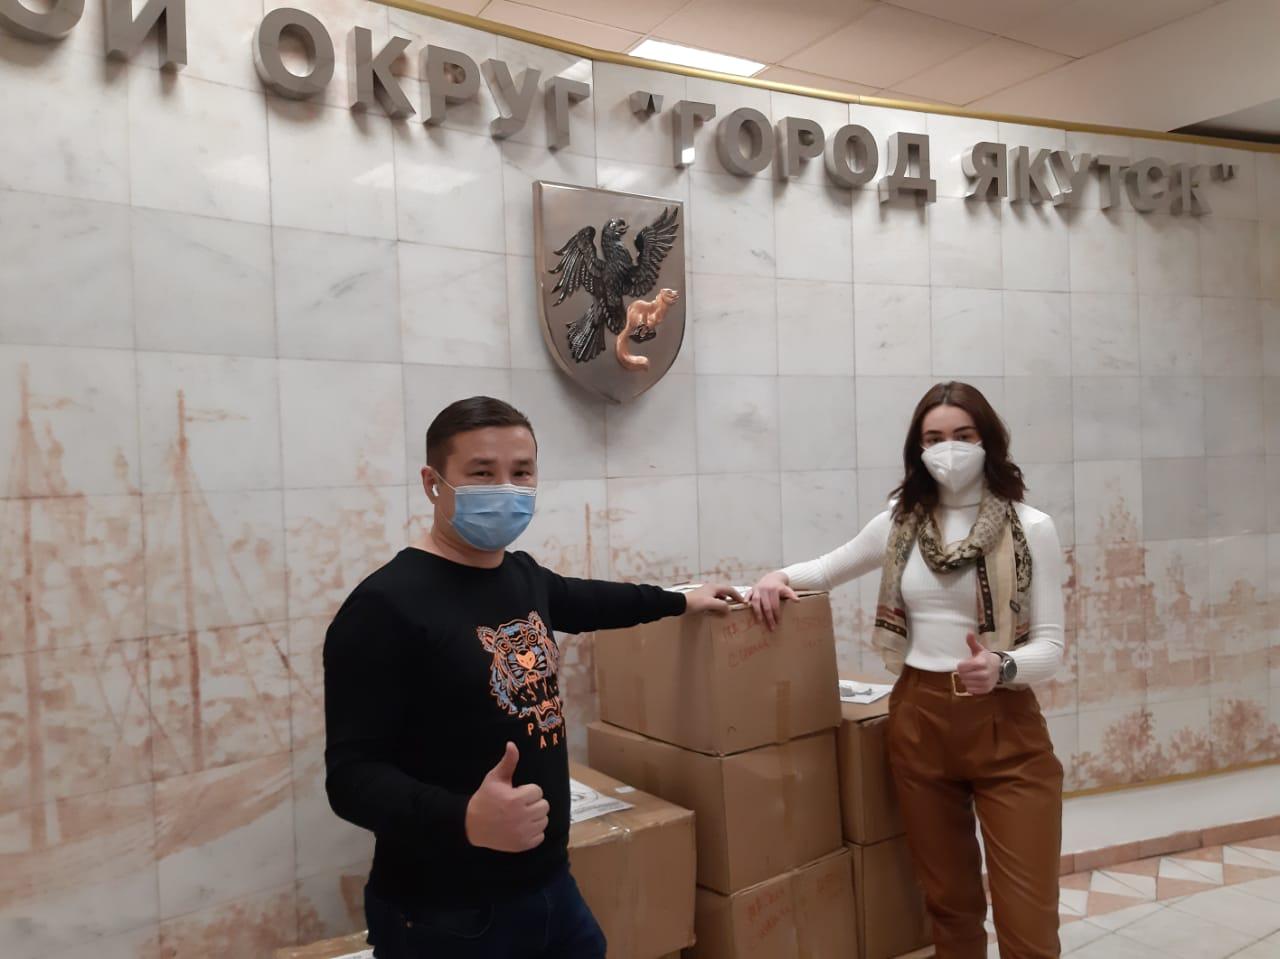 Предприниматели передали Окружной администрации города Якутска 20 тысяч медицинских масок